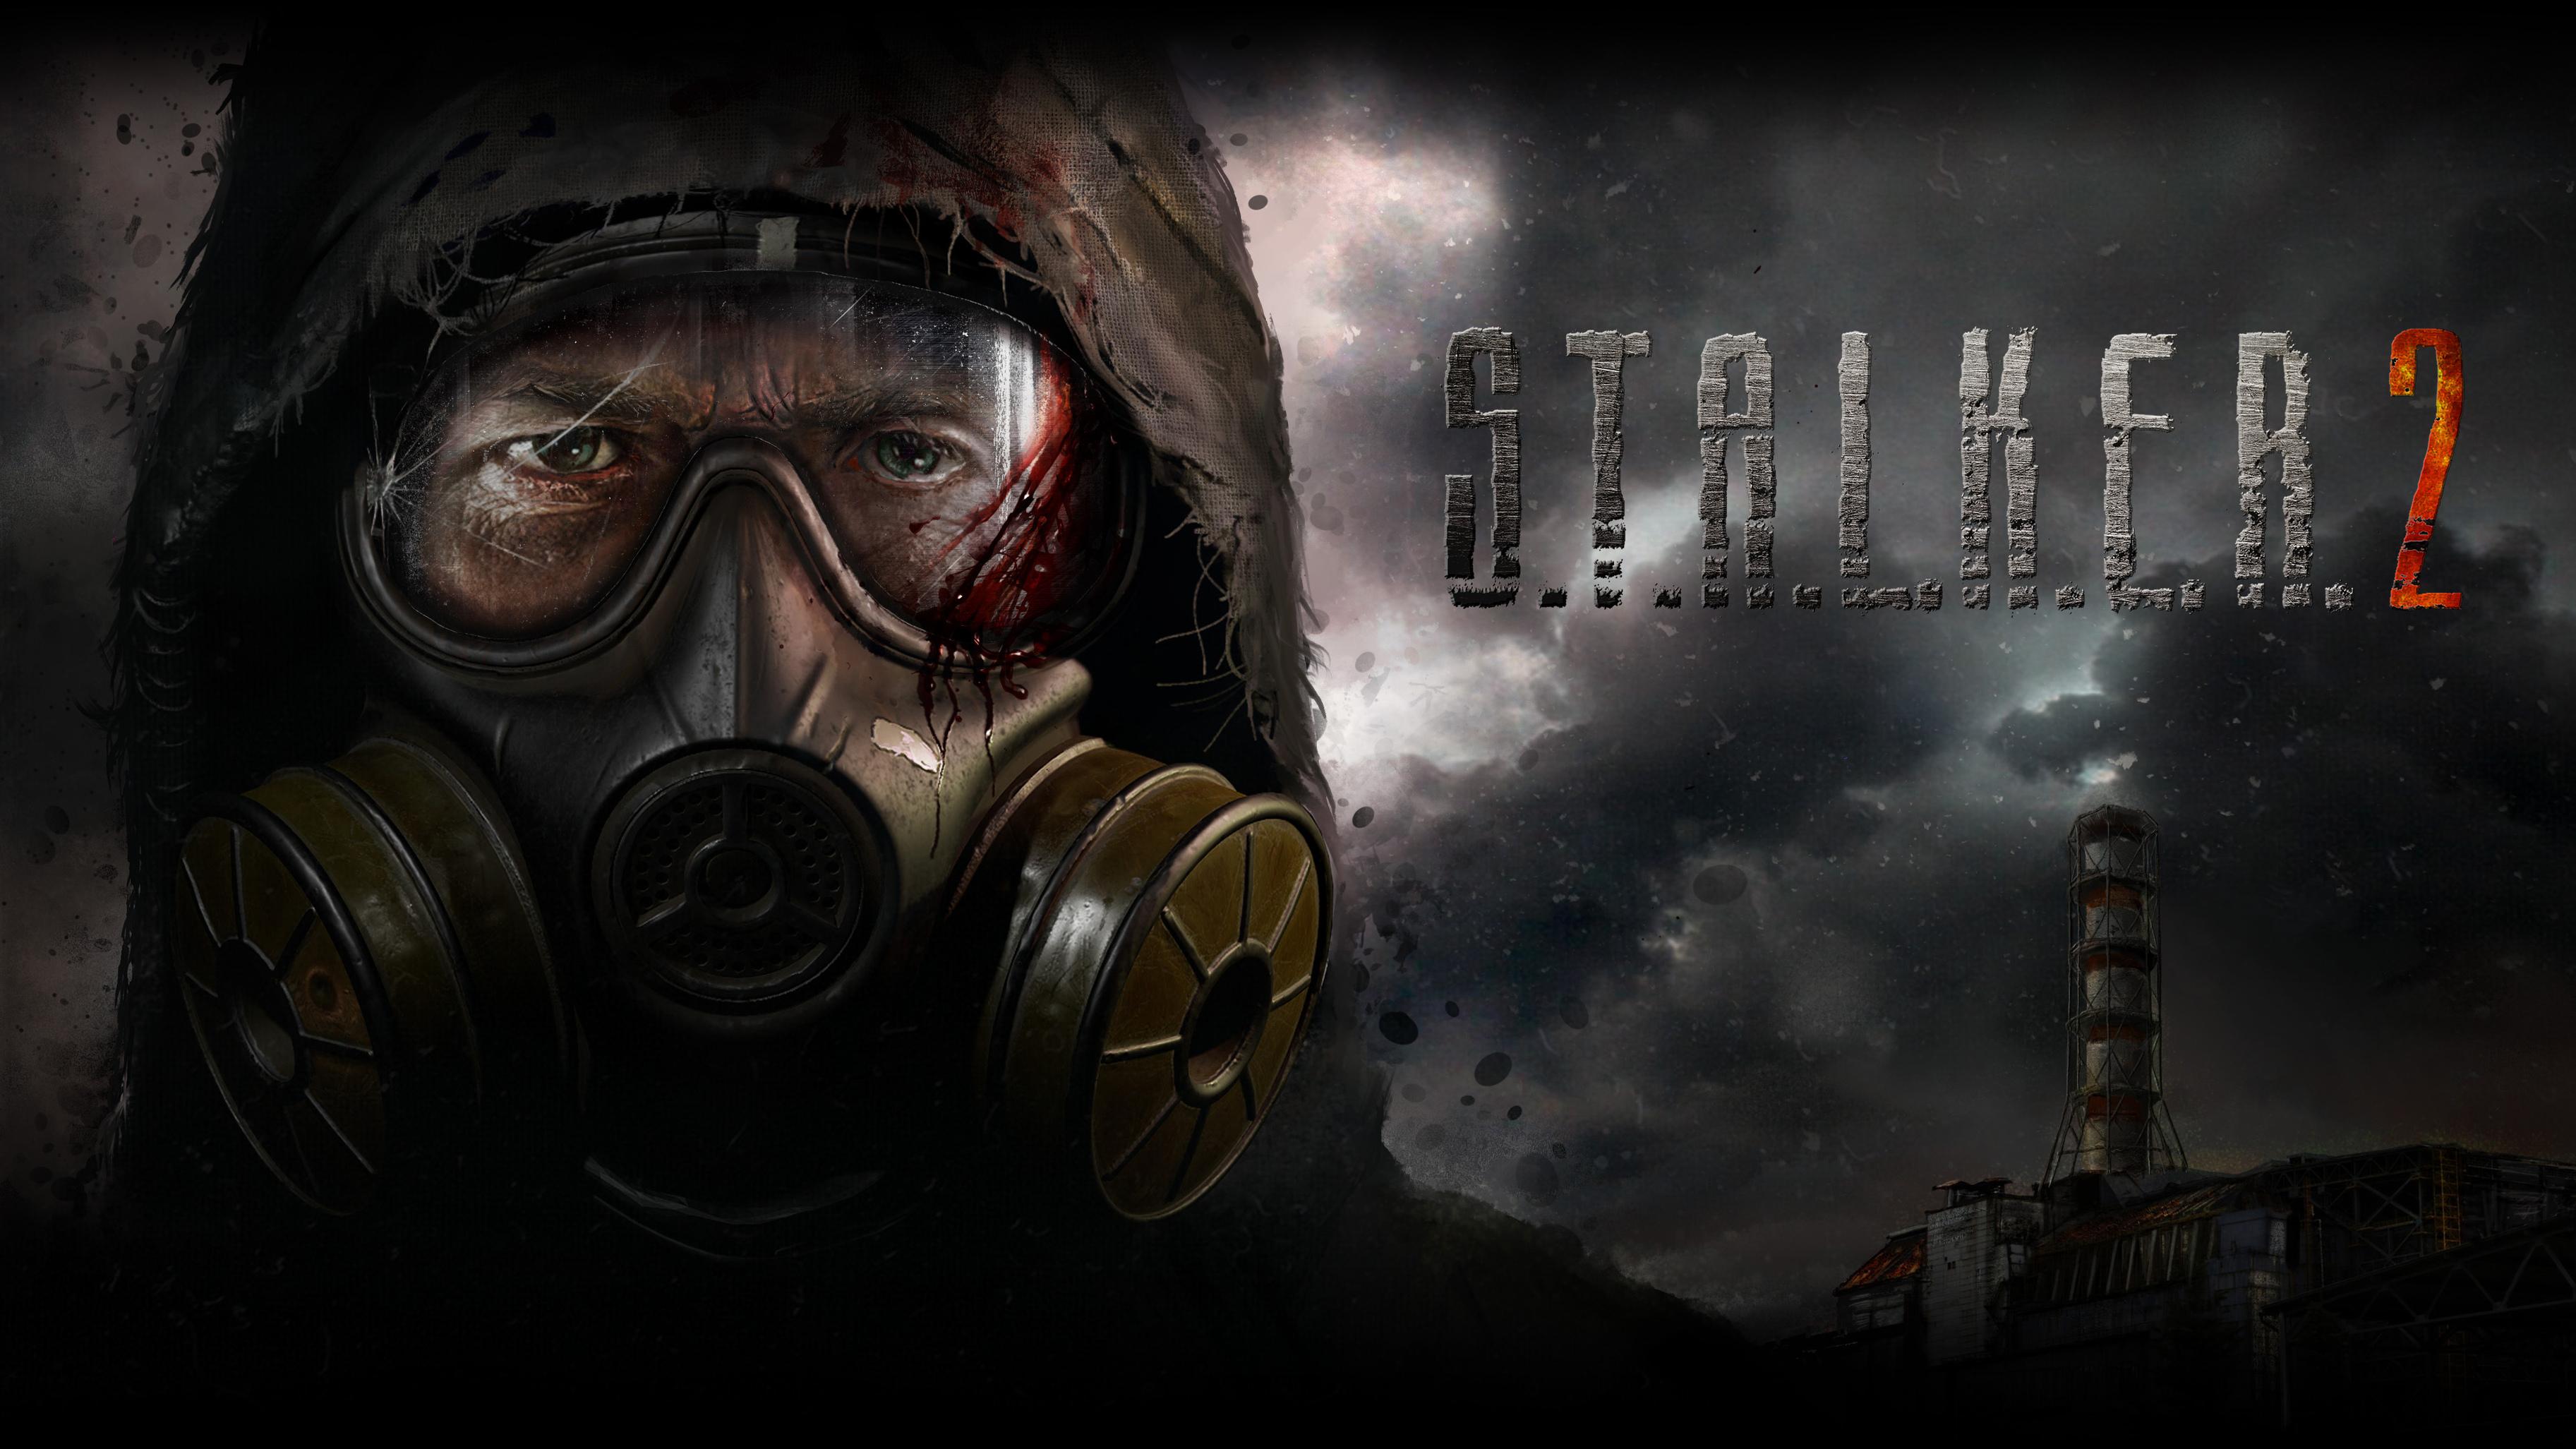 Украинцы-создатели S.T.A.L.K.E.R. 2 пообещали не добавлять русофобию в игру